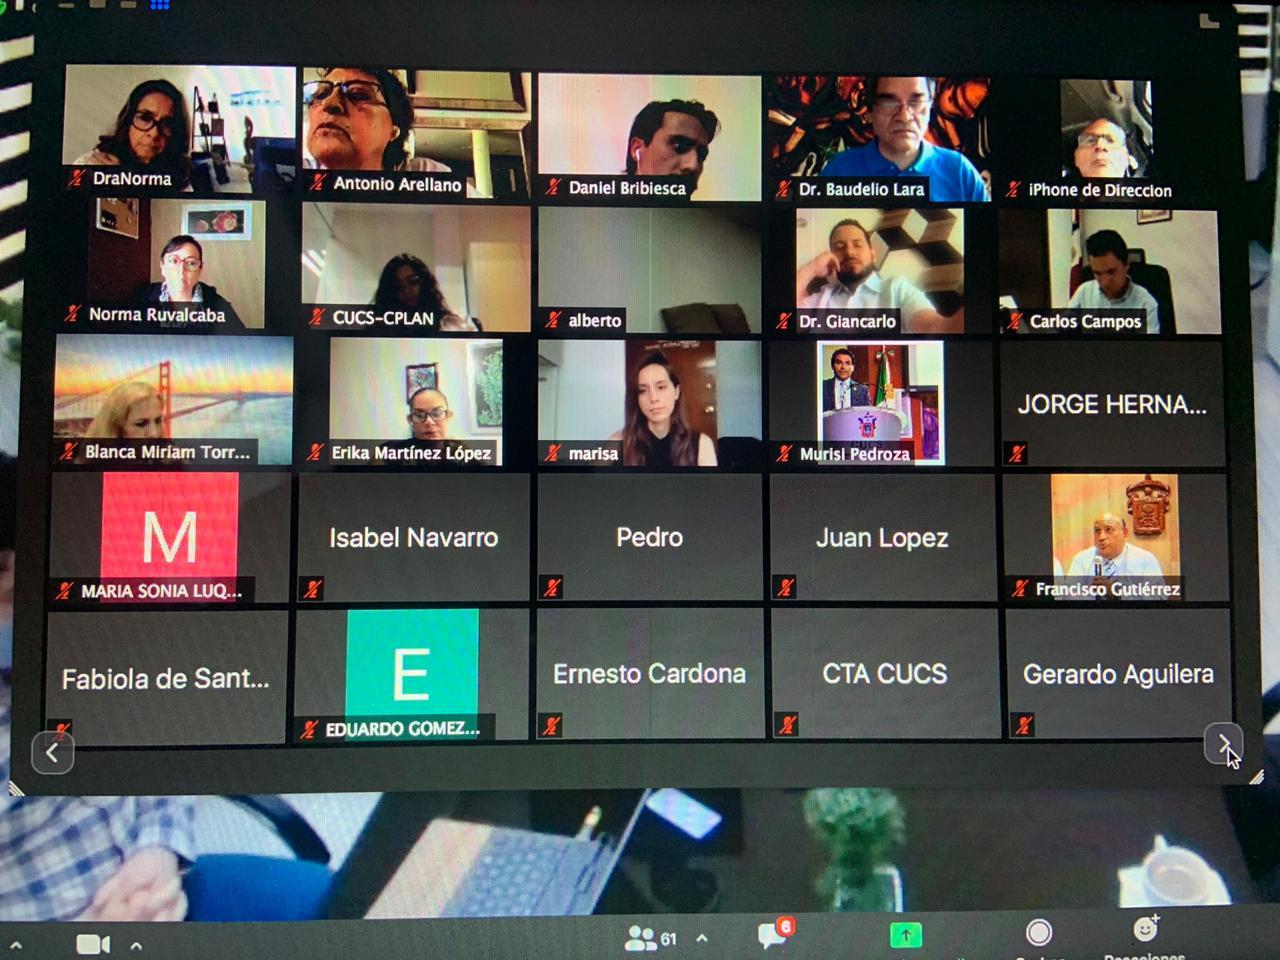 Captura de pantalla con más participantes en reunión virtual